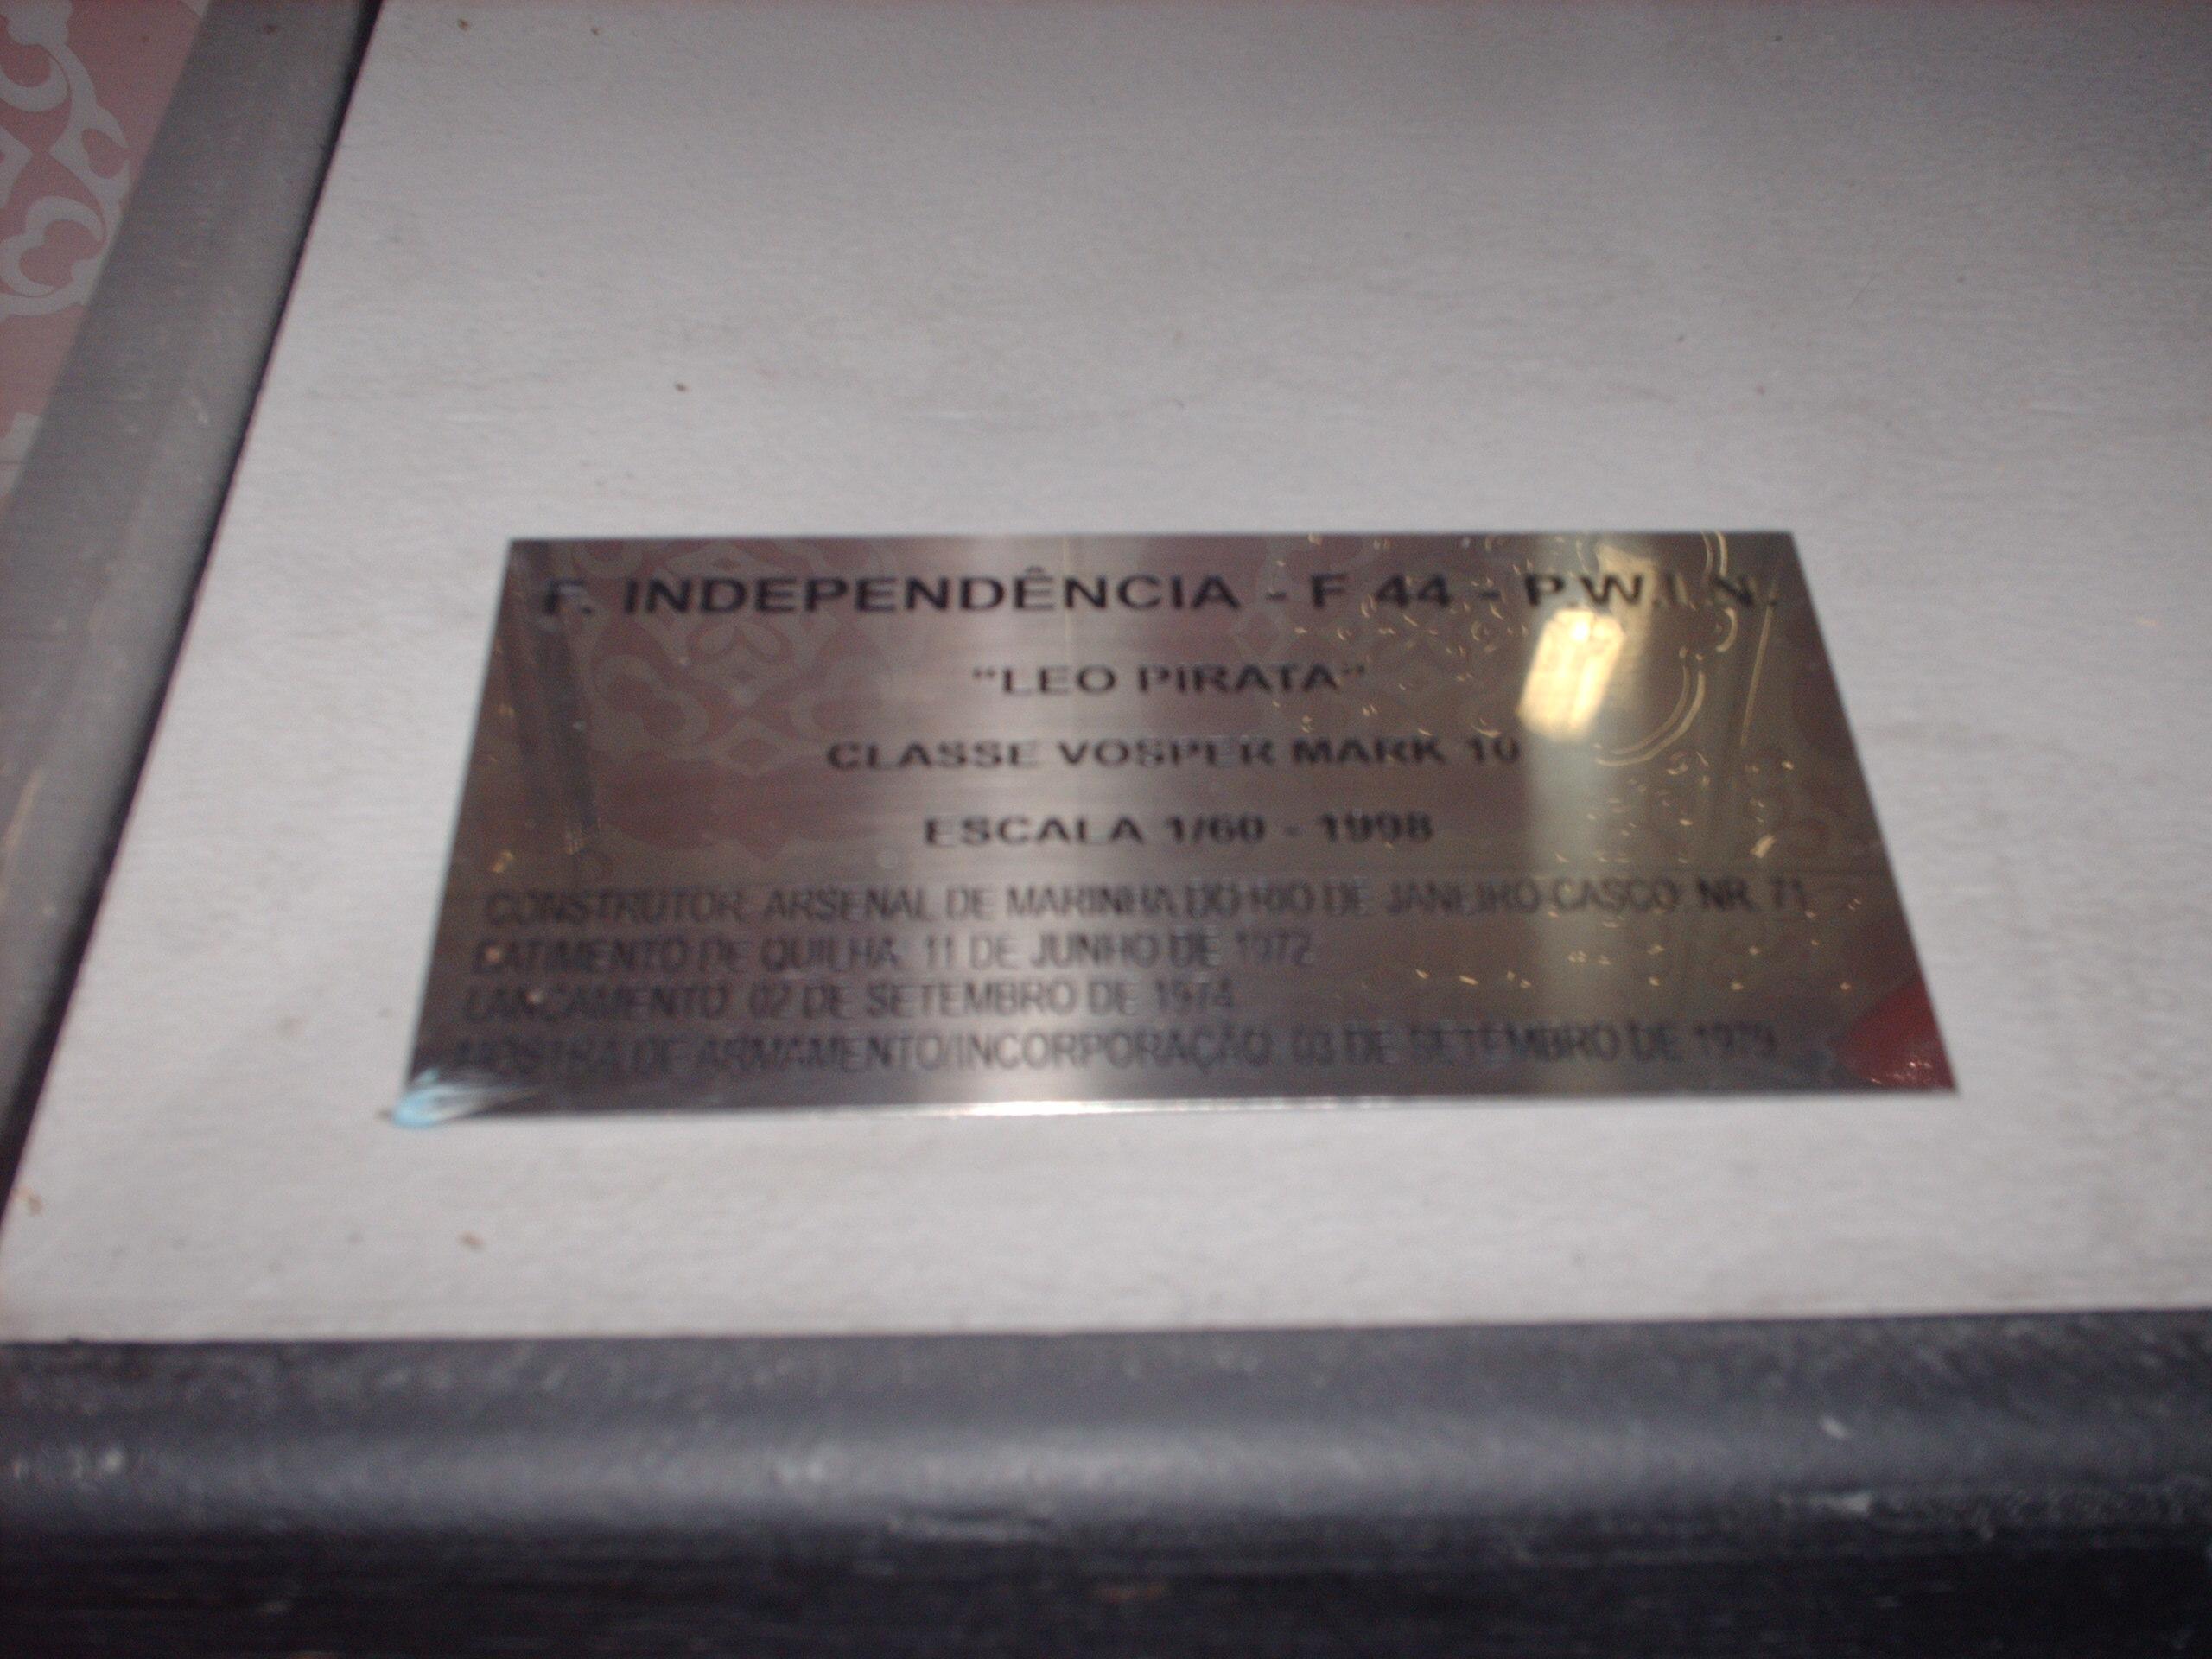 hpim1129.JPG